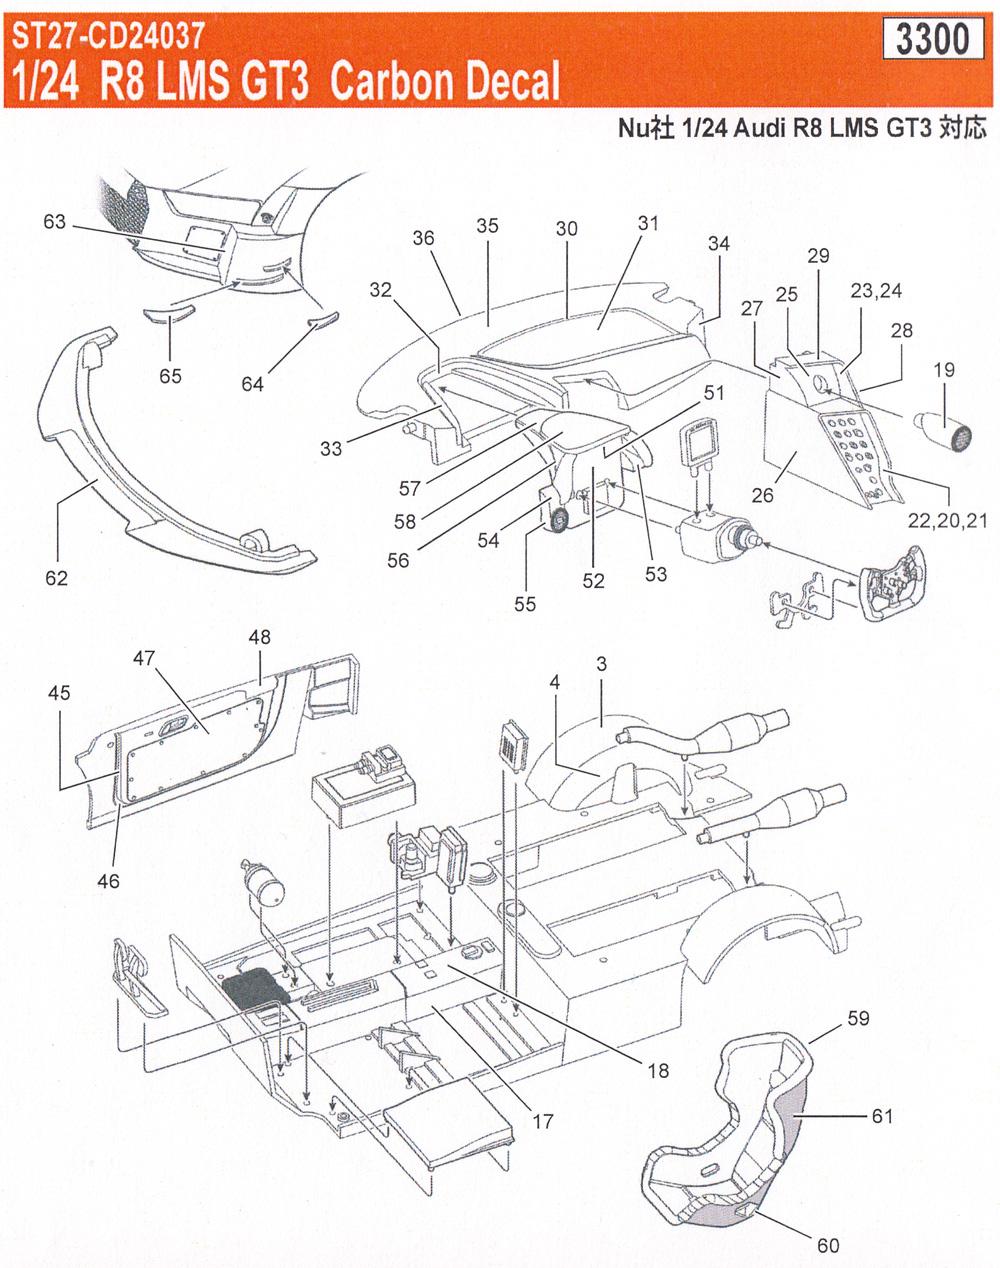 アウディ R8 LMS GT3 カーボンデカールデカール(スタジオ27ツーリングカー/GTカー カーボンデカールNo.CD24037)商品画像_1